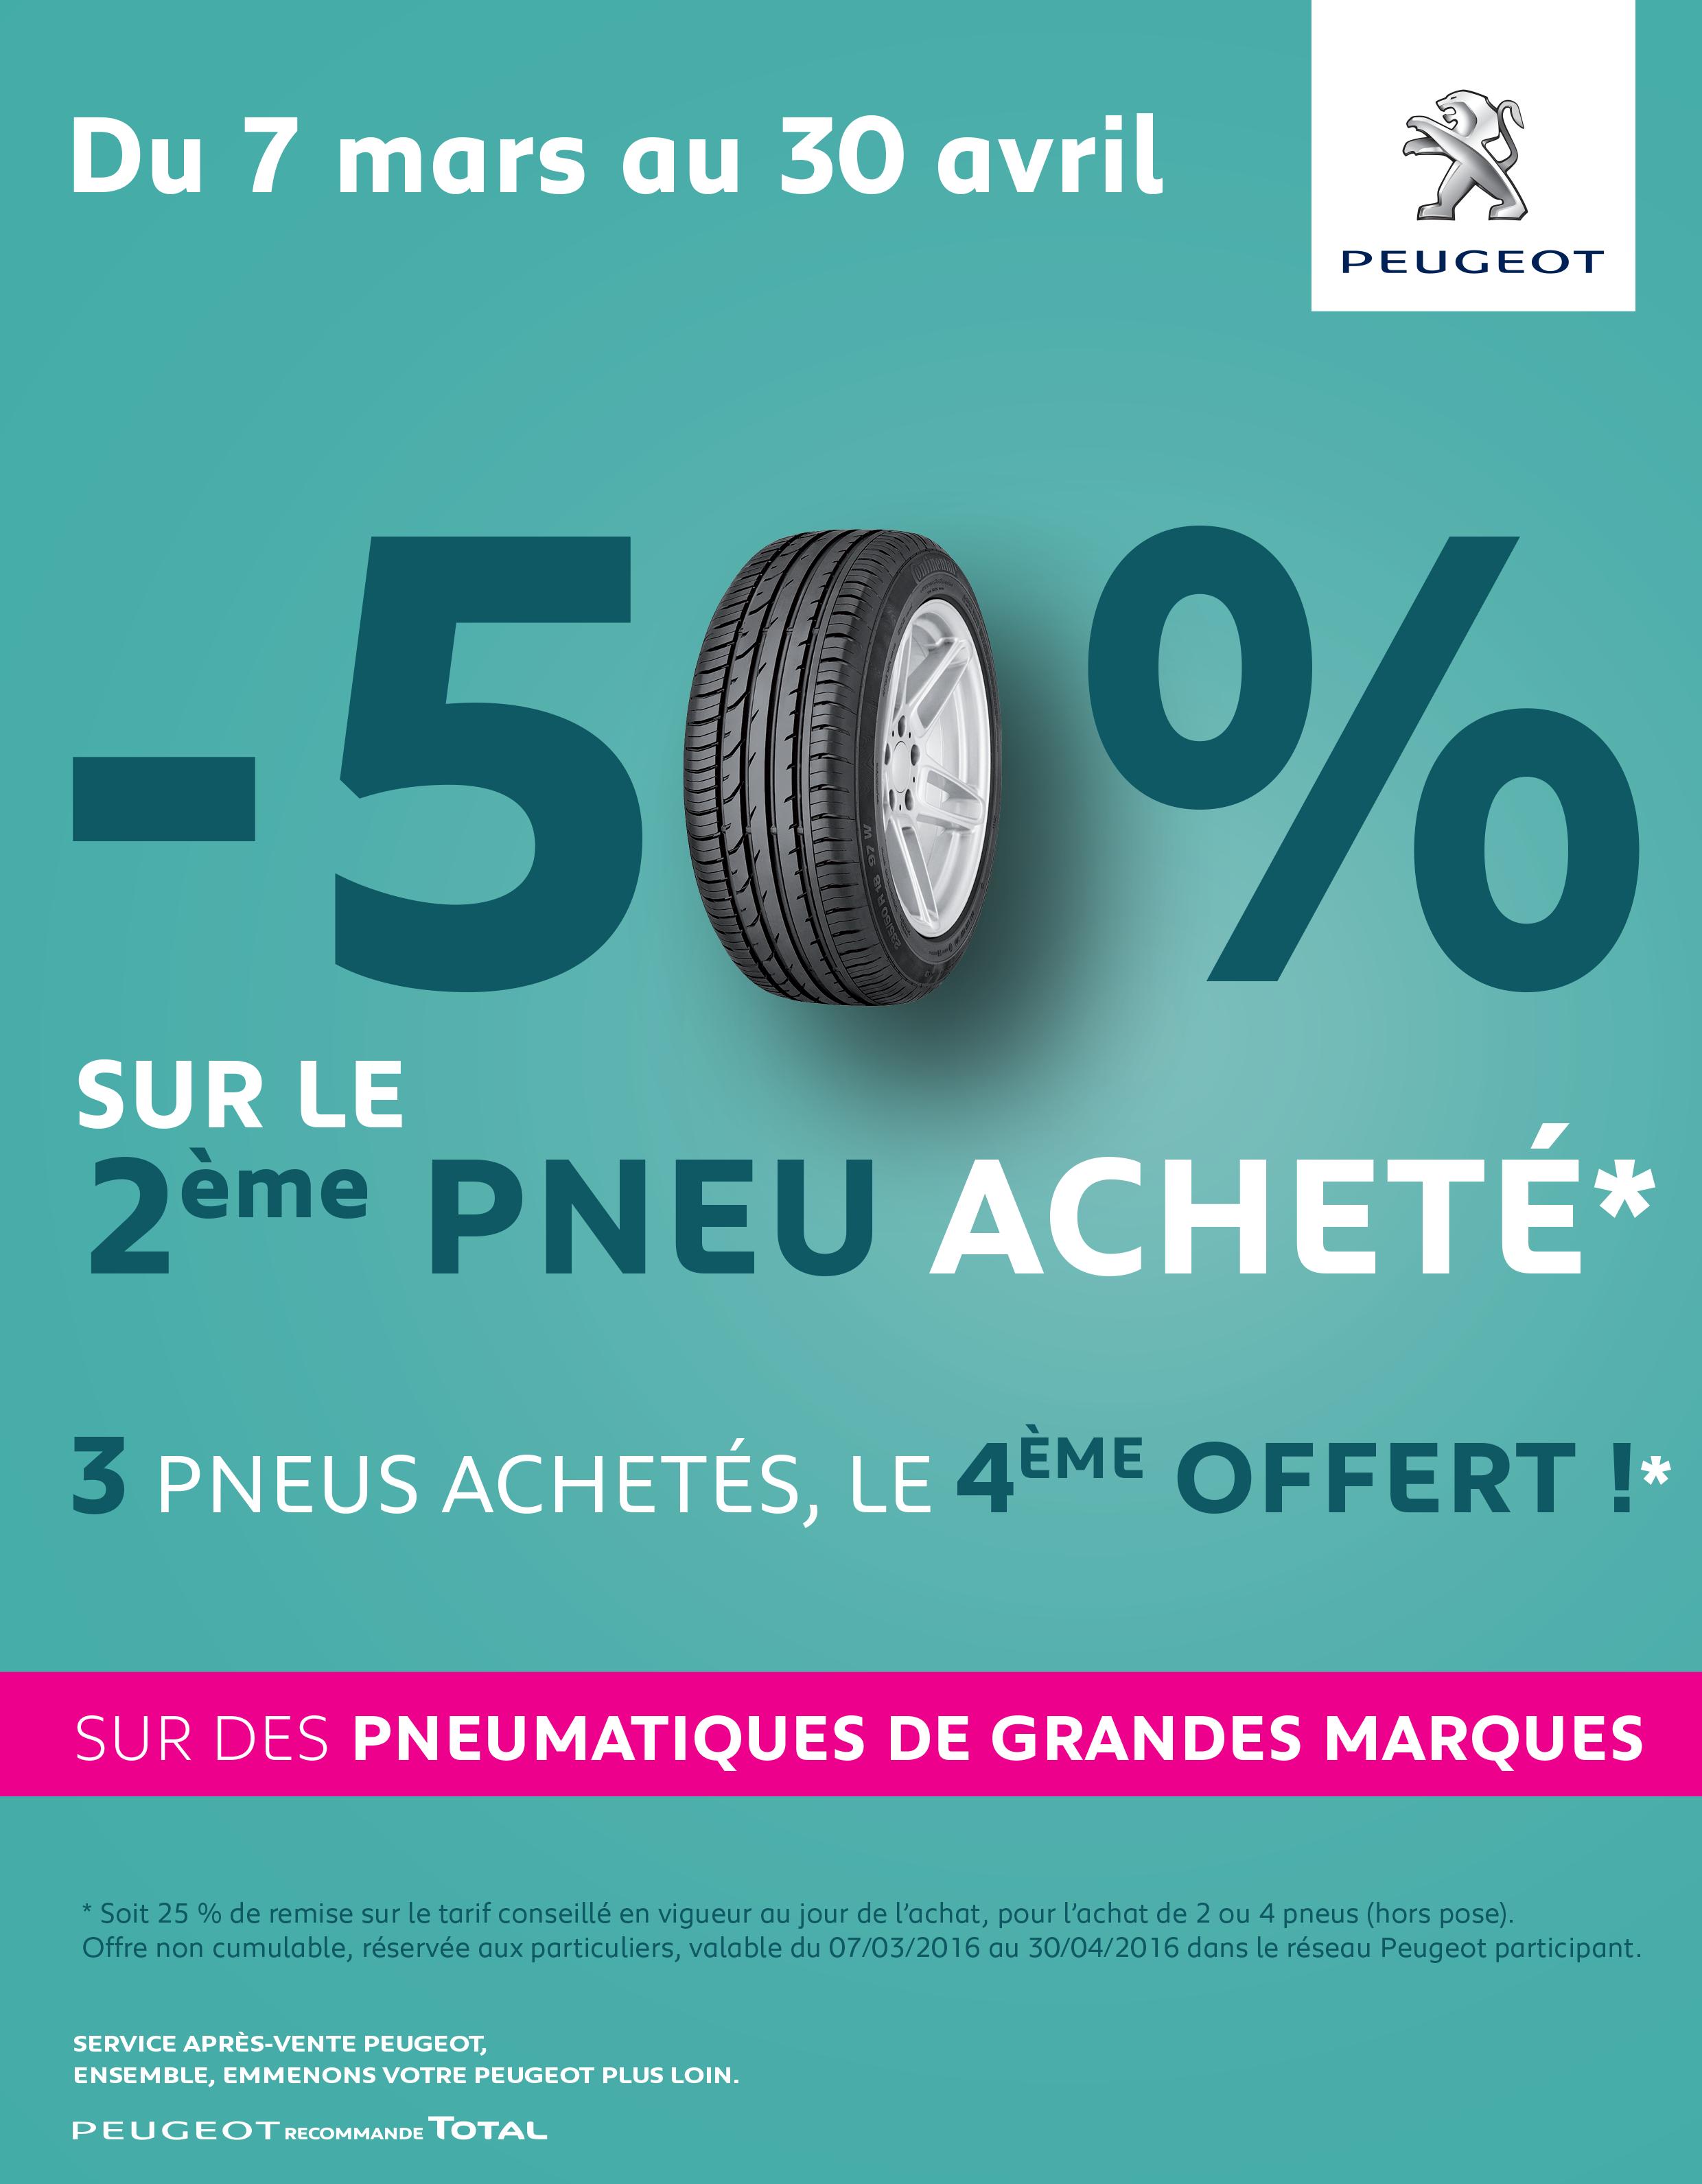 Peugeot Promo Pneu : 1 pneu achet 50 sur le 2 me pneu achet peugeot angouleme ~ Nature-et-papiers.com Idées de Décoration